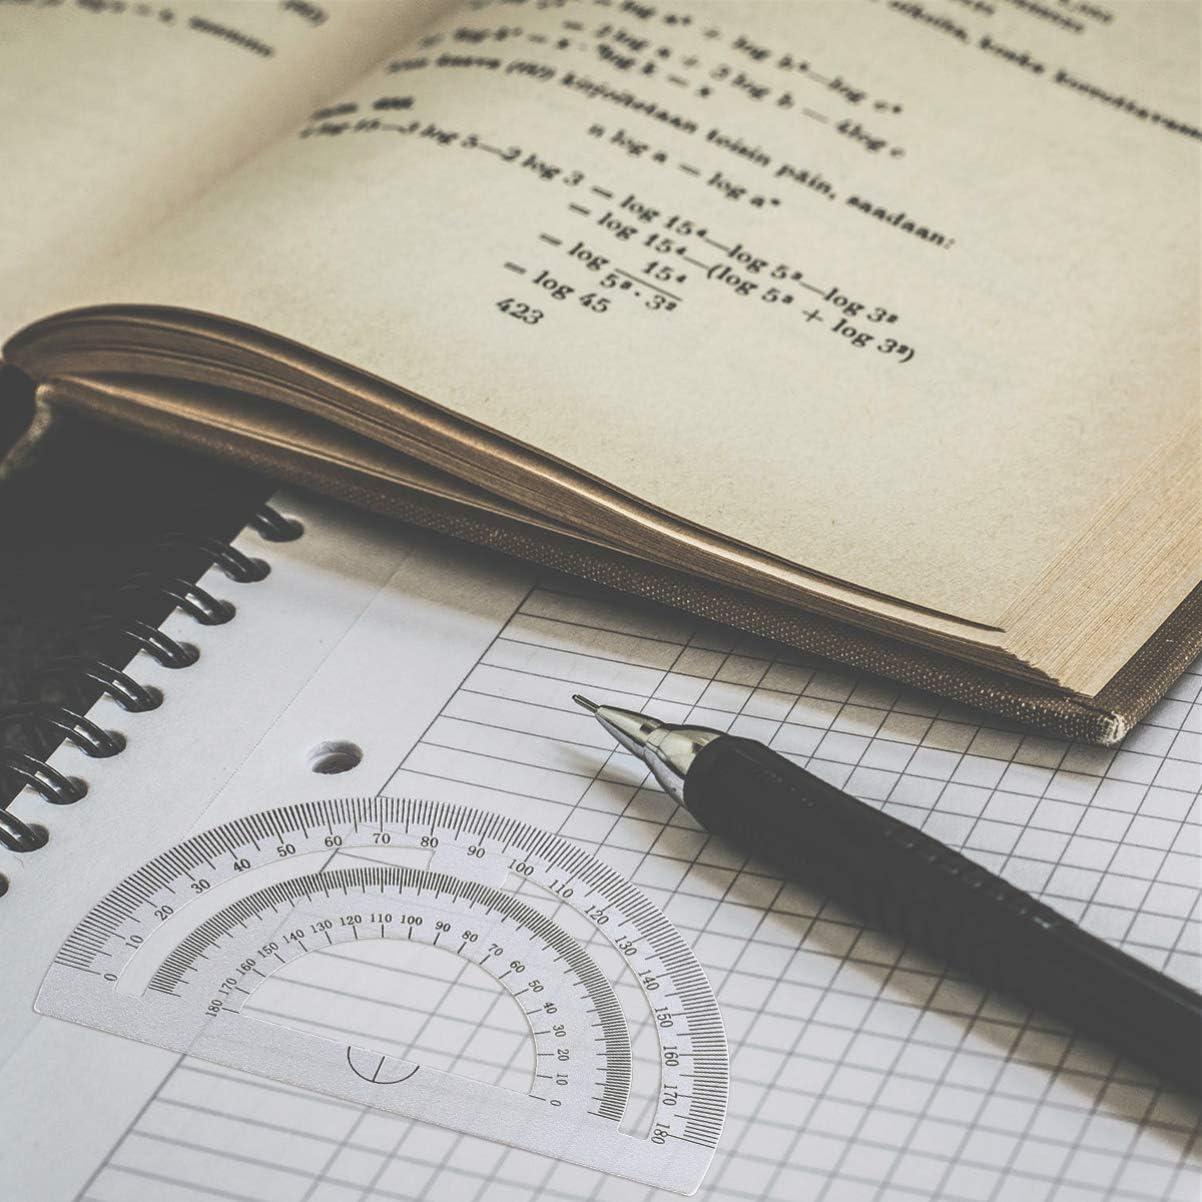 Healifty 4Pcs Studente Disegno Bussola Matematica Strumenti Geometrici Kit Metallo Matematica Strumenti Geometrici Set Piatto Triangolare Goniometro Materiale Scolastico Studenti Nero